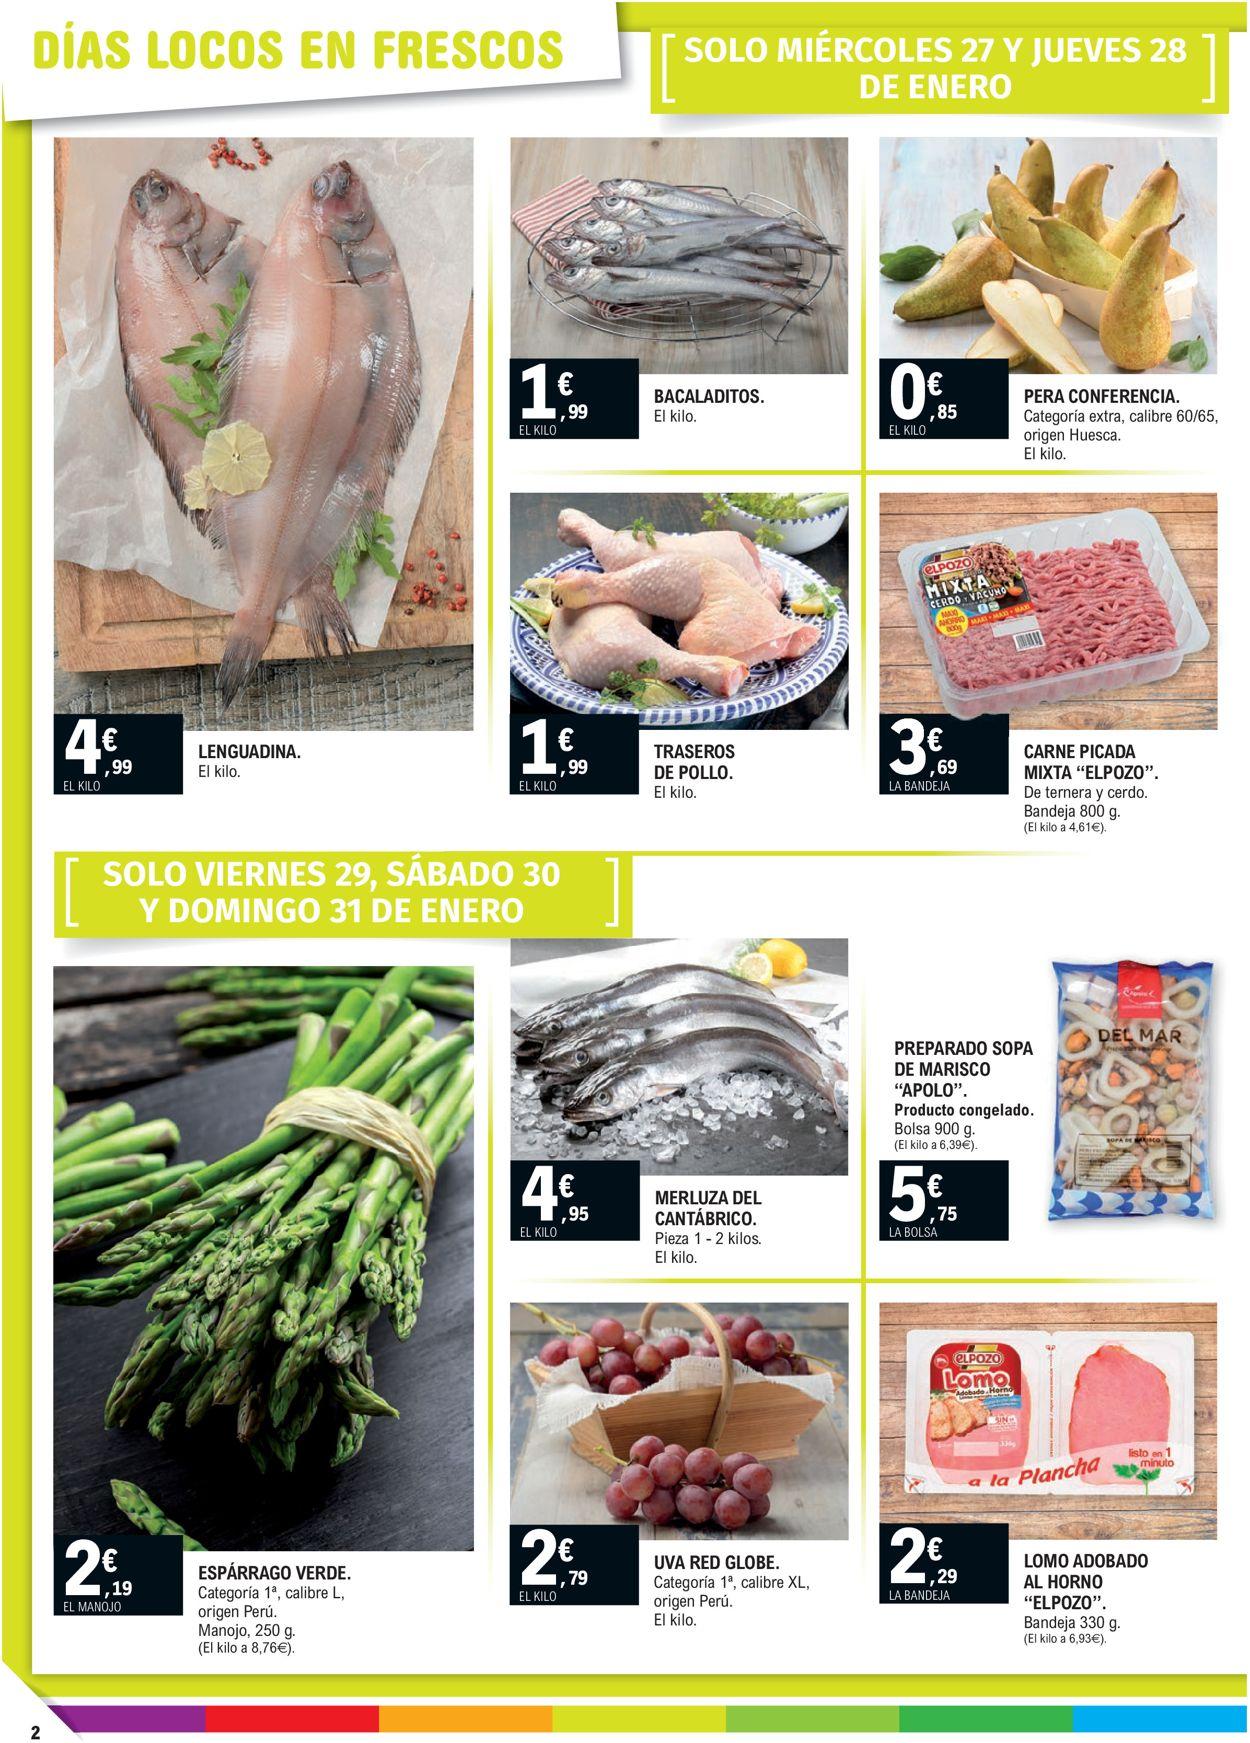 E.leclerc Calidad a precios bajos 2021 Folleto - 27.01-07.02.2021 (Página 2)